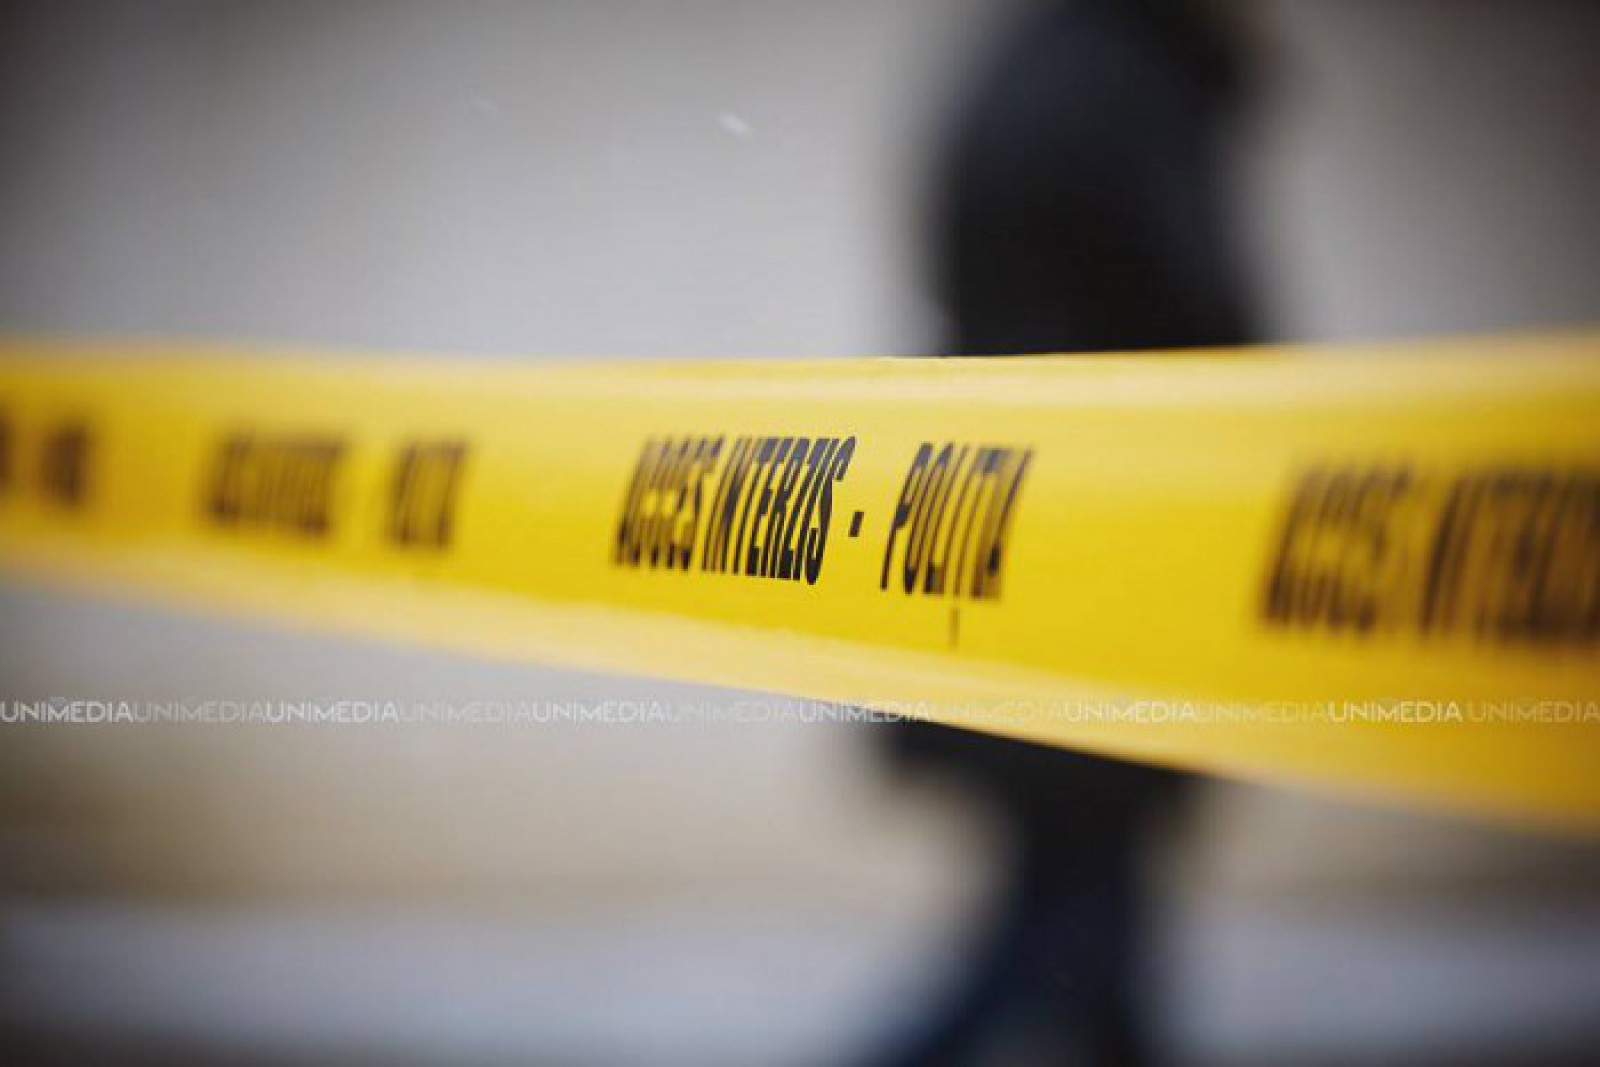 Tragedie în capitală de ziua îndrăgostiților: Un bărbat din sectorul Botanica și-a tăiat gâtul cu un cuțit